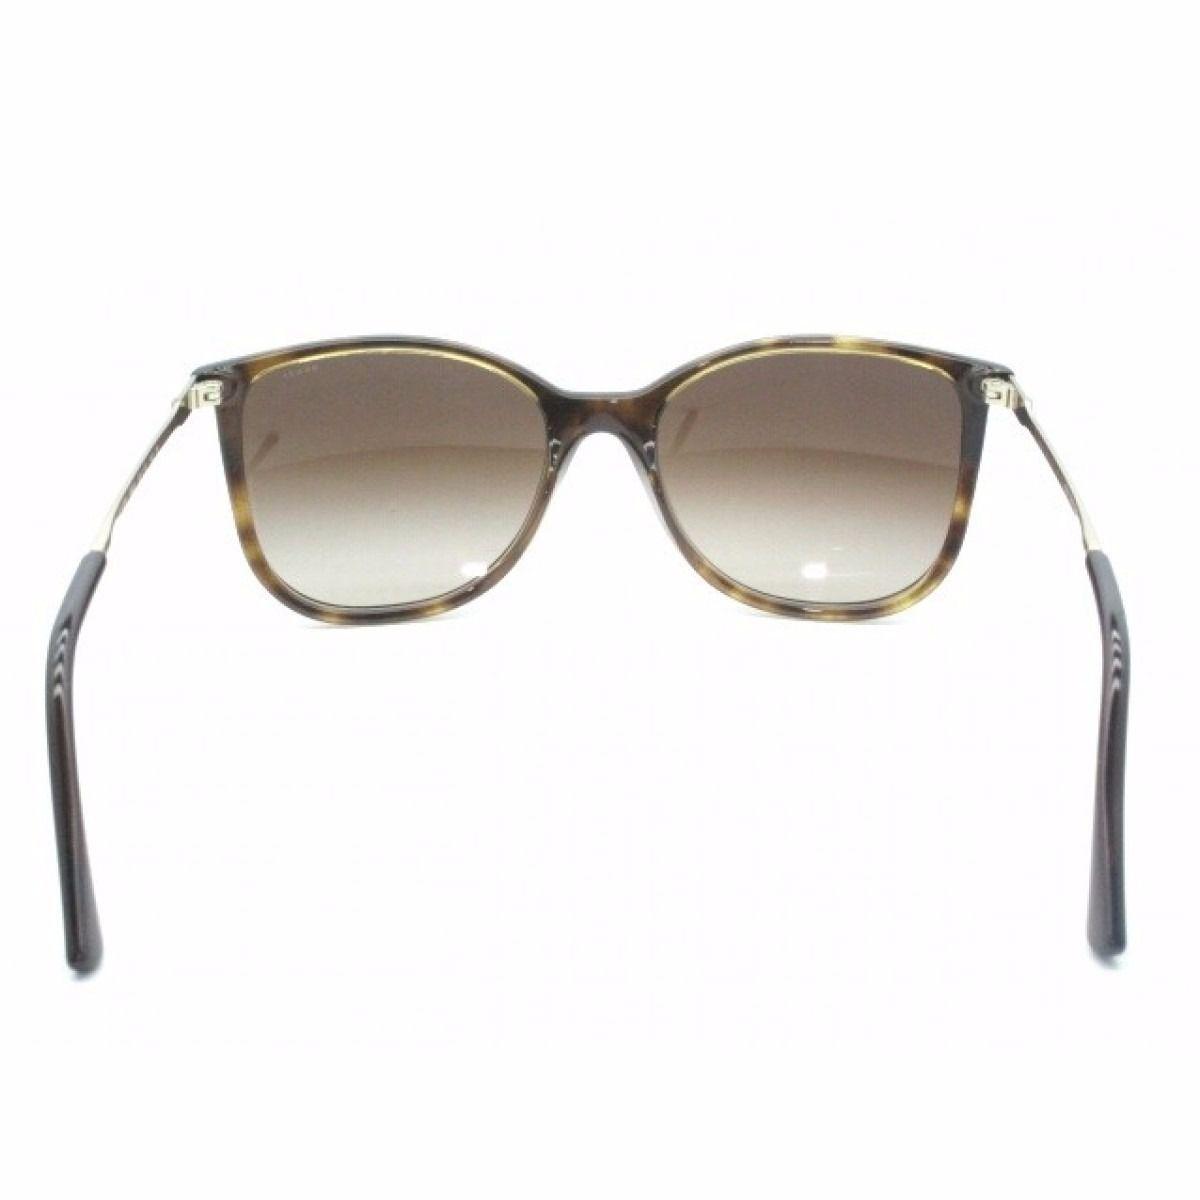 Óculos de Sol Feminino Grazi Massafera GZ4020 E823 - Omega Ótica e ... 84a4dbf108